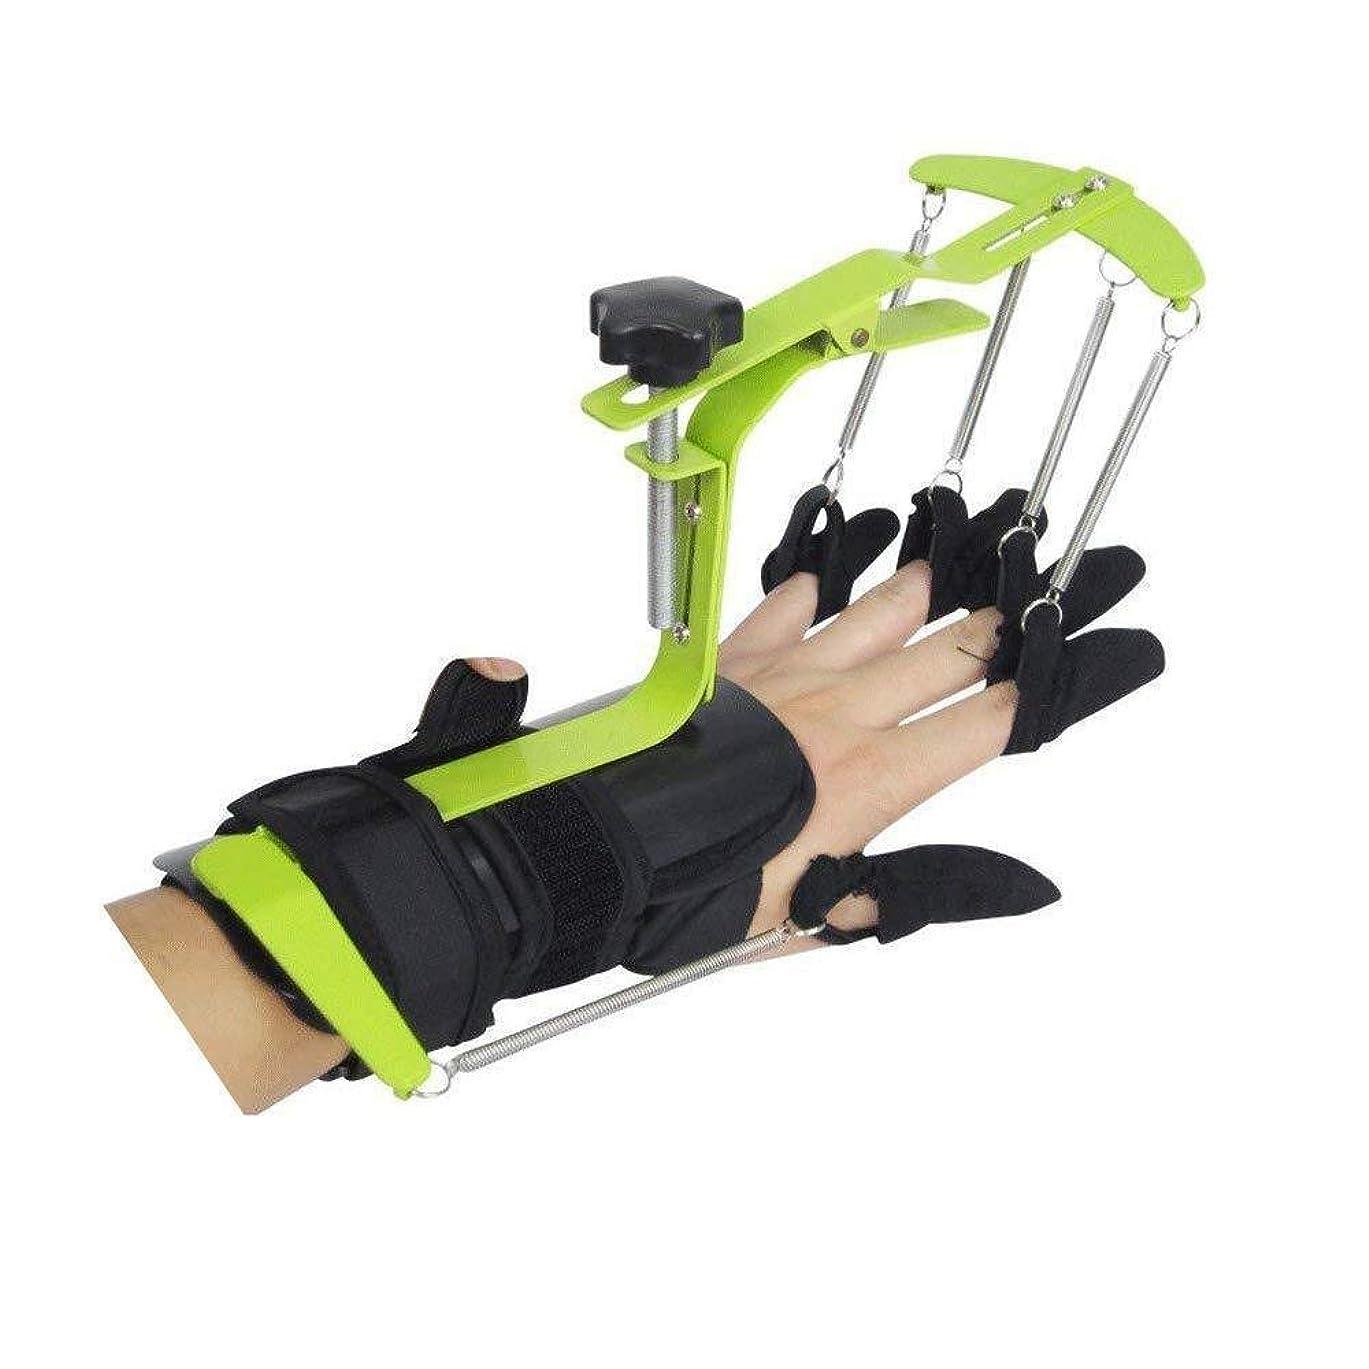 声を出して物質然としたトリガースプリント、指トレーニングデバイス、指骨折サポート、脳卒中/片麻痺/外傷性脳損傷